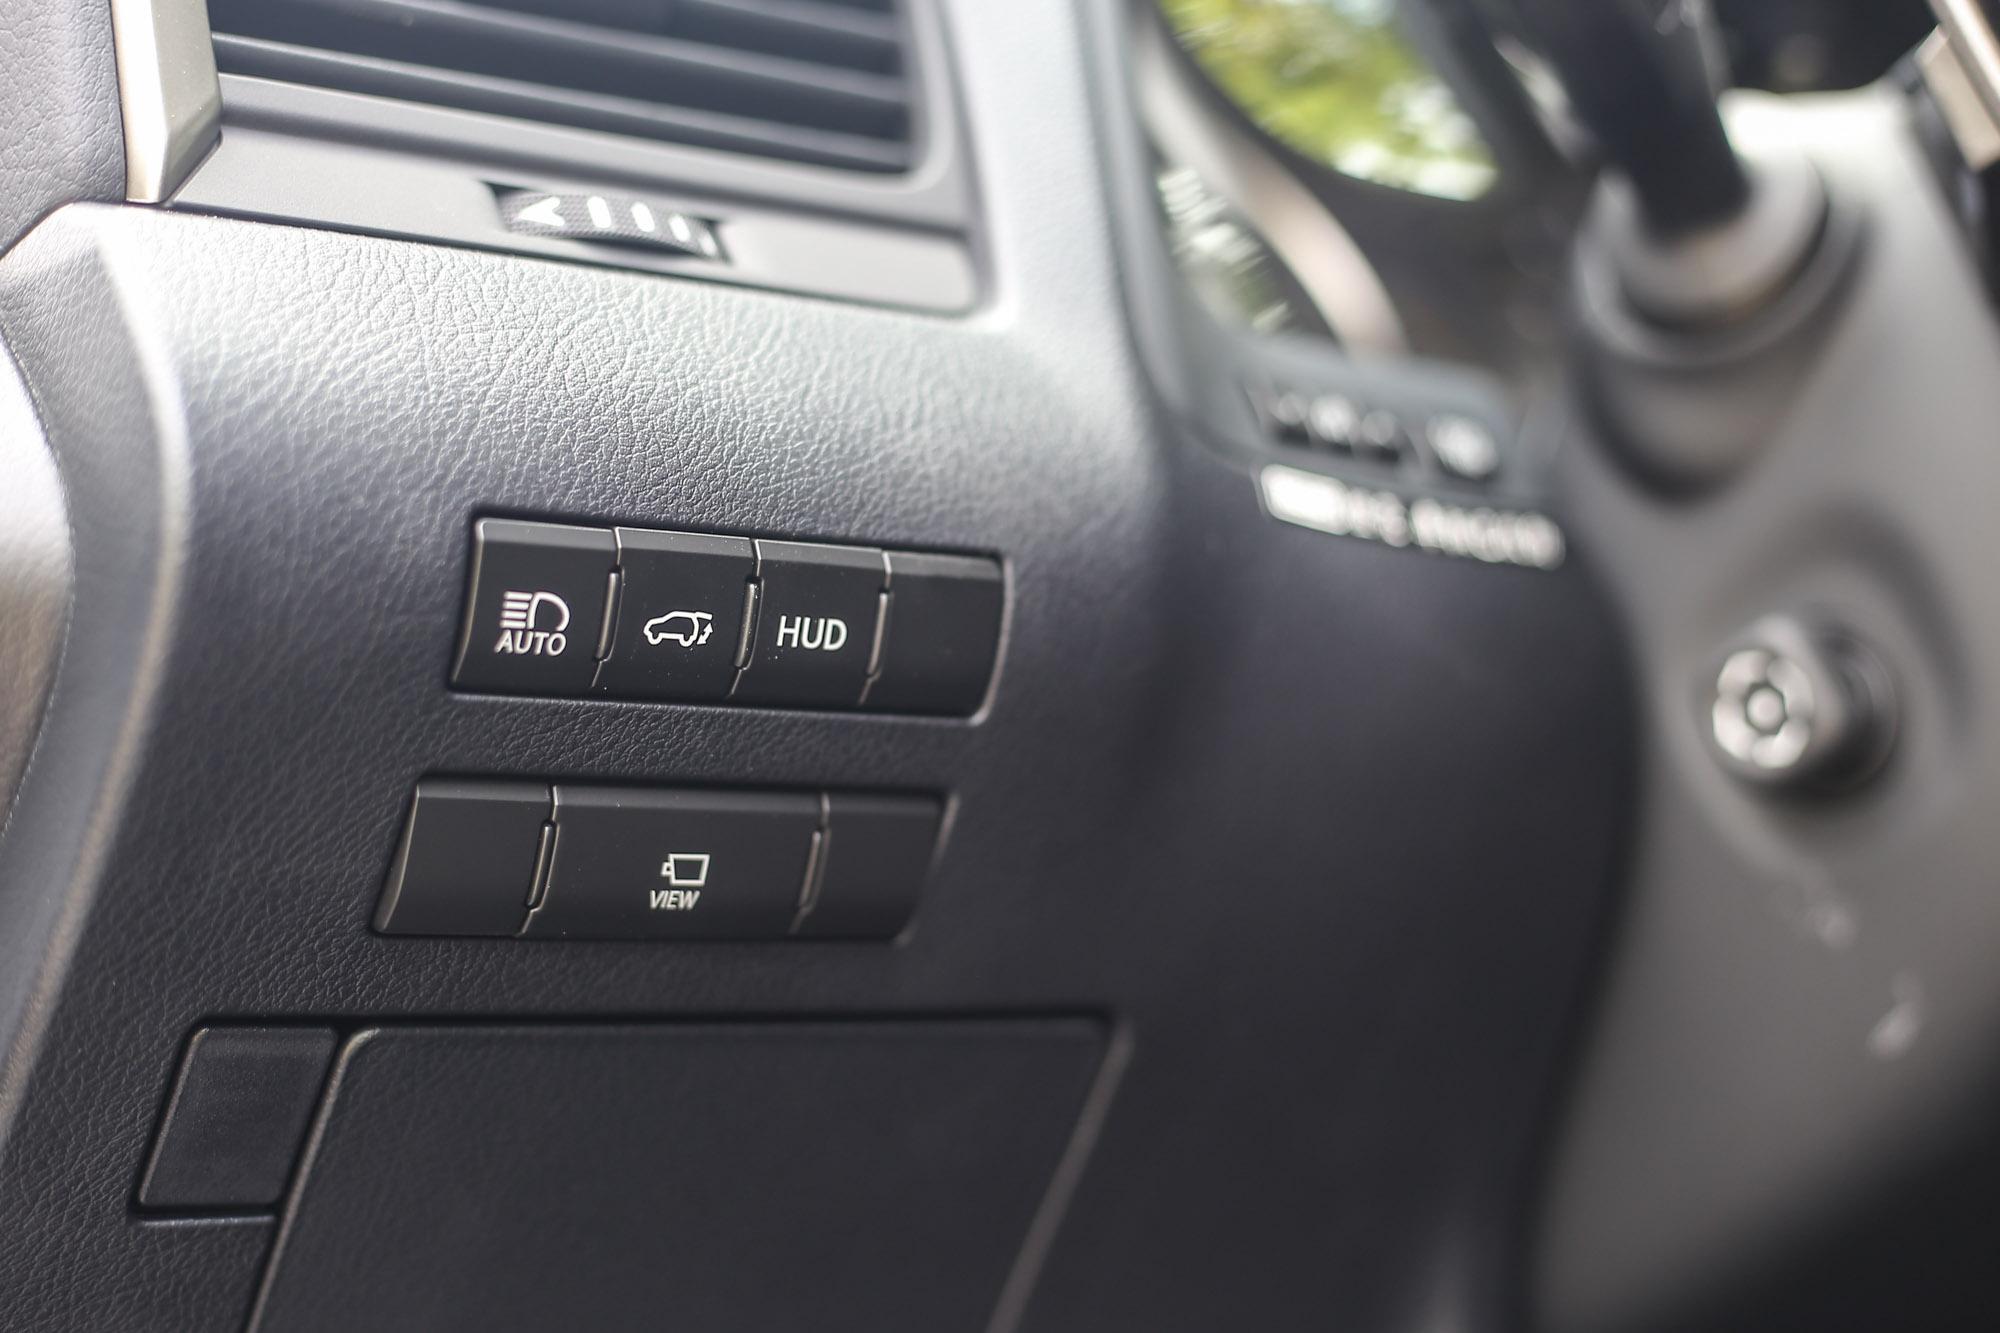 HUD 多功能抬頭顯示幕與 360 度環景影像顯示系統開關設計於方向盤左側。